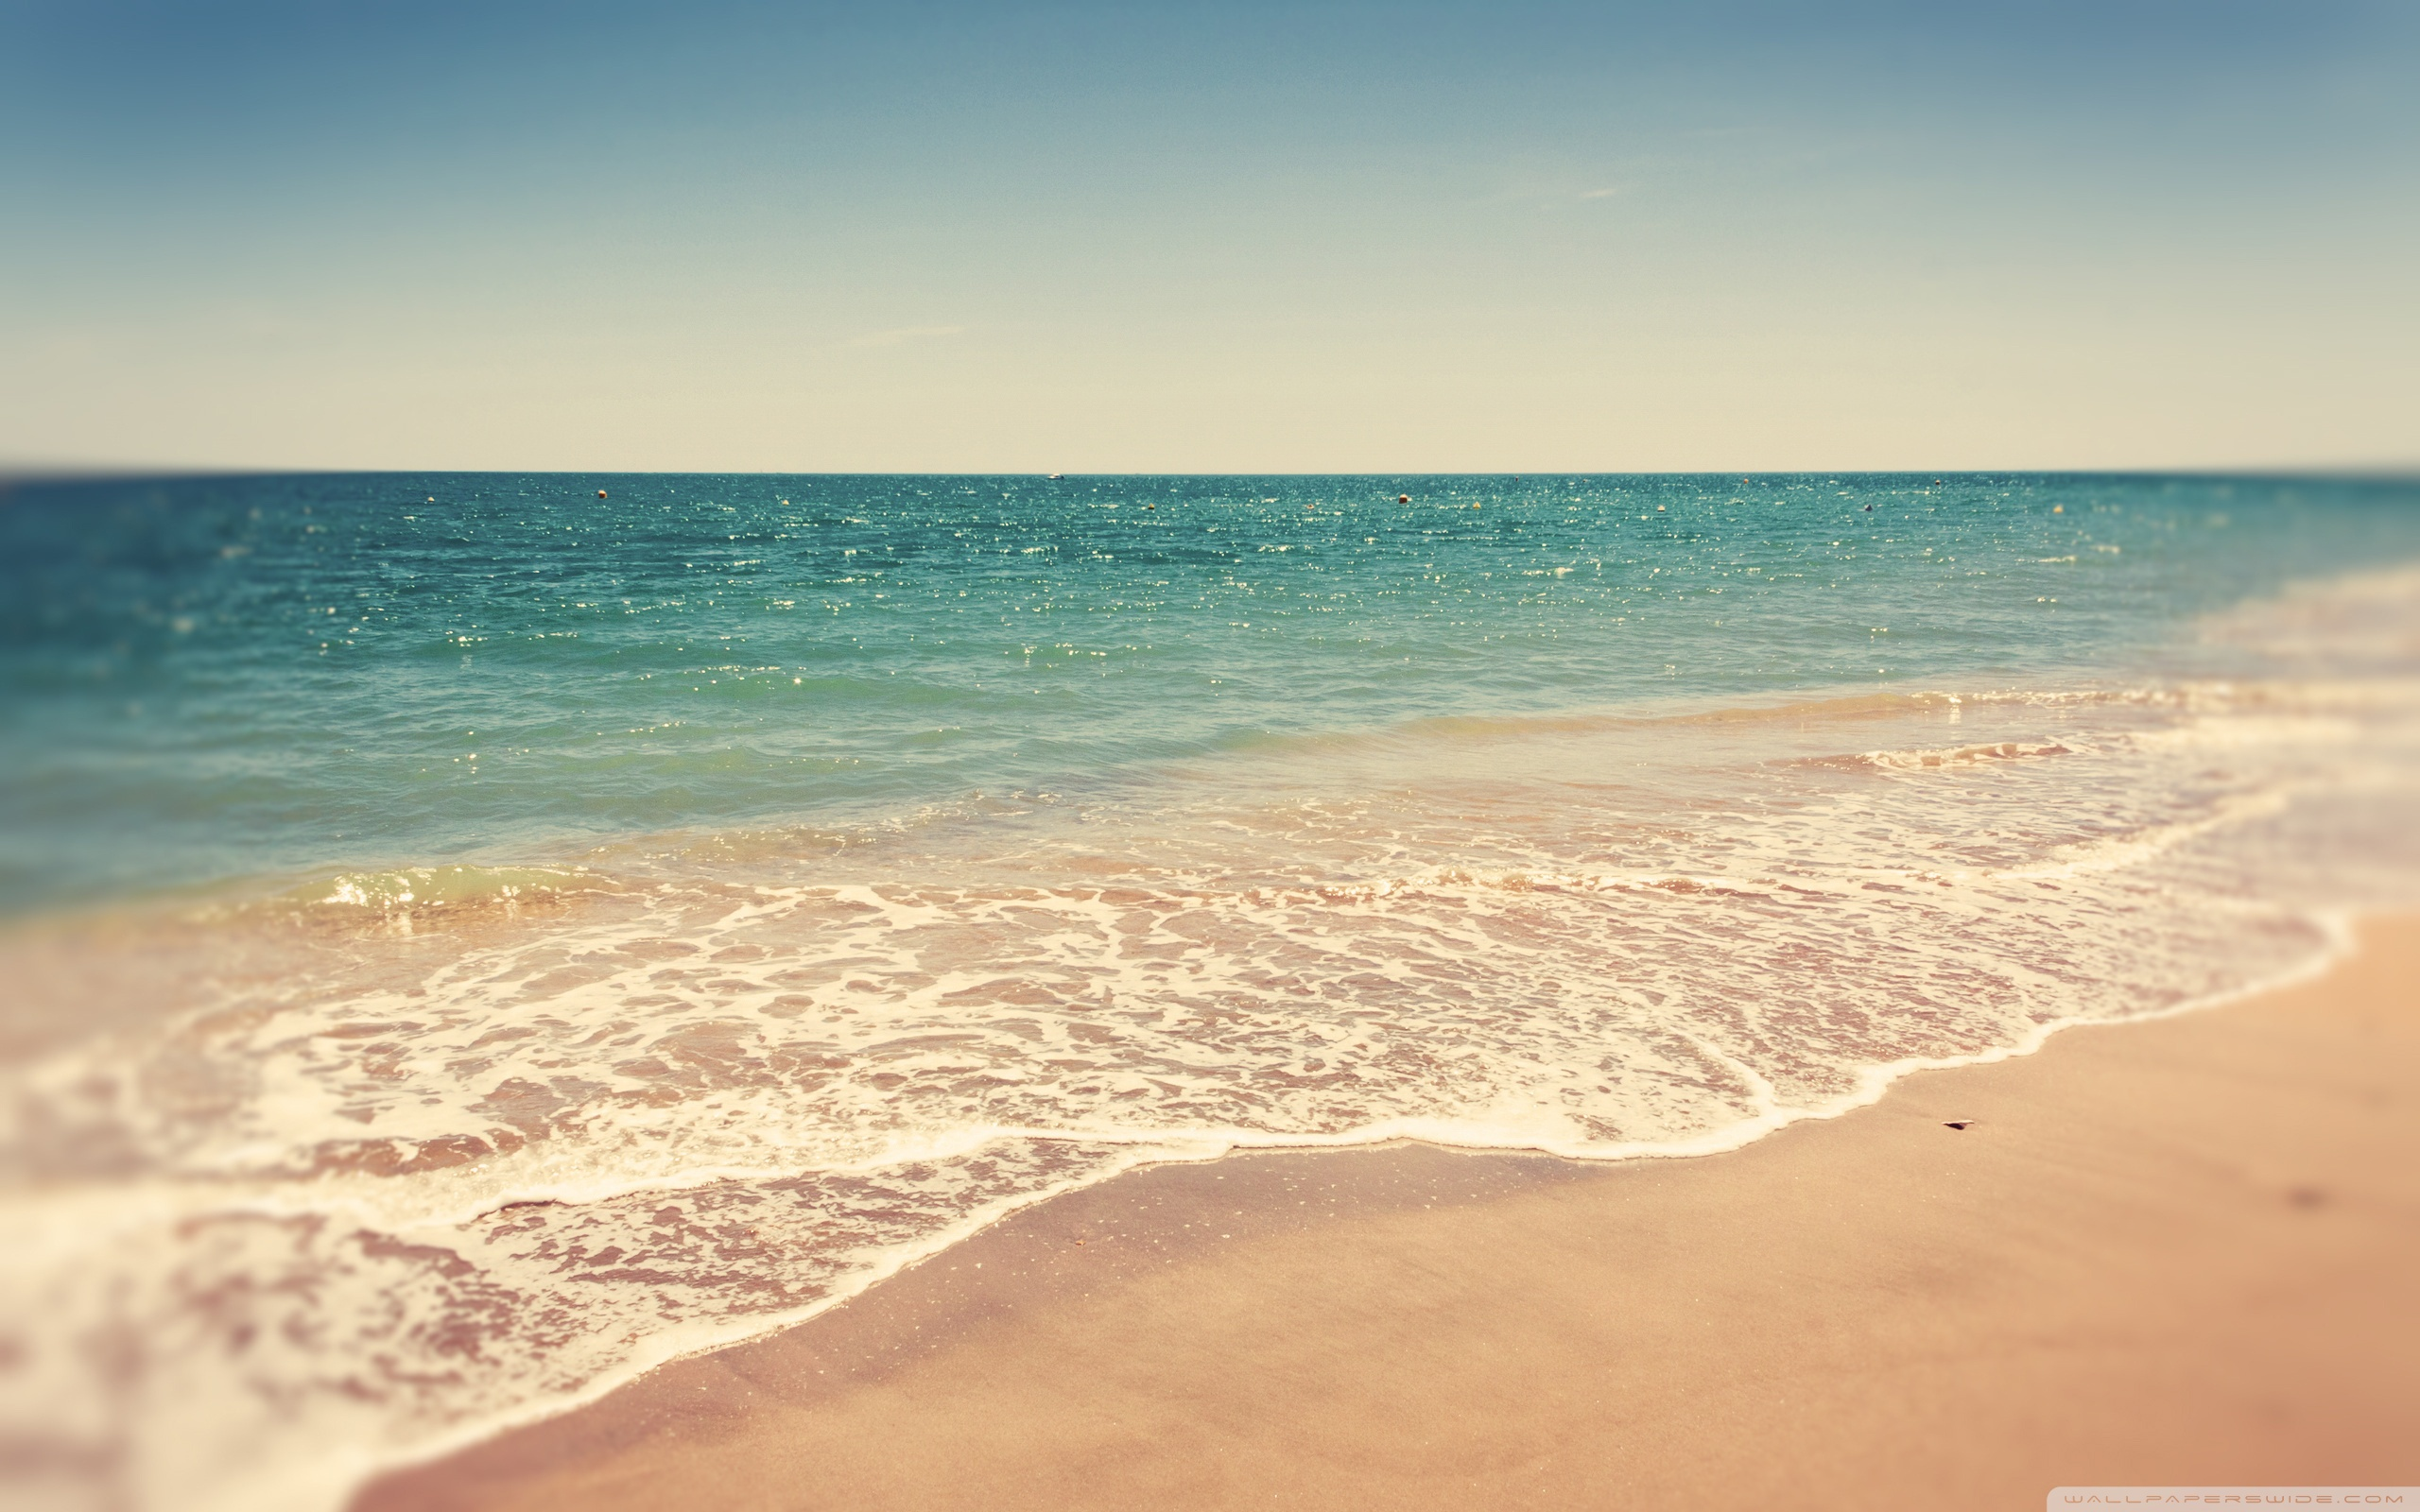 beach_summer-wallpaper-2560x1600.jpg